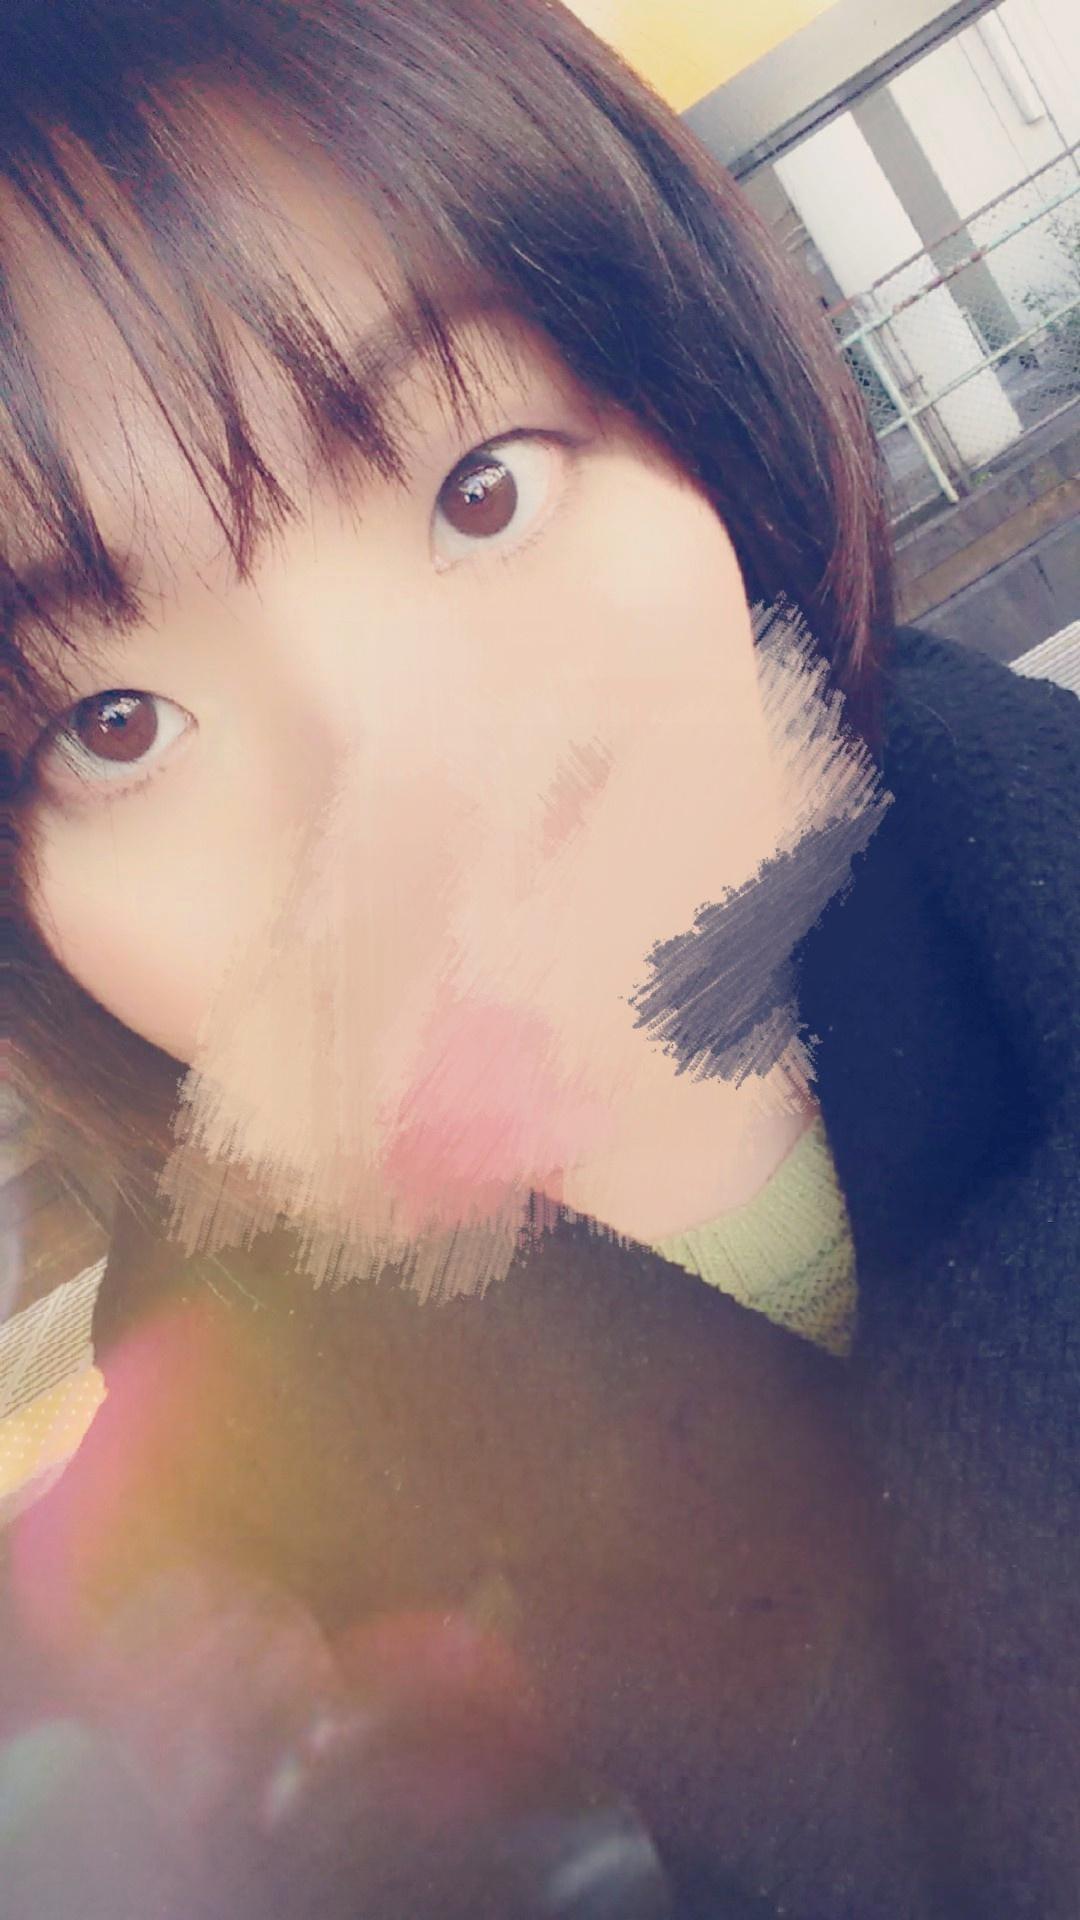 「11時から出勤です!」02/22(金) 09:27 | かなめの写メ・風俗動画